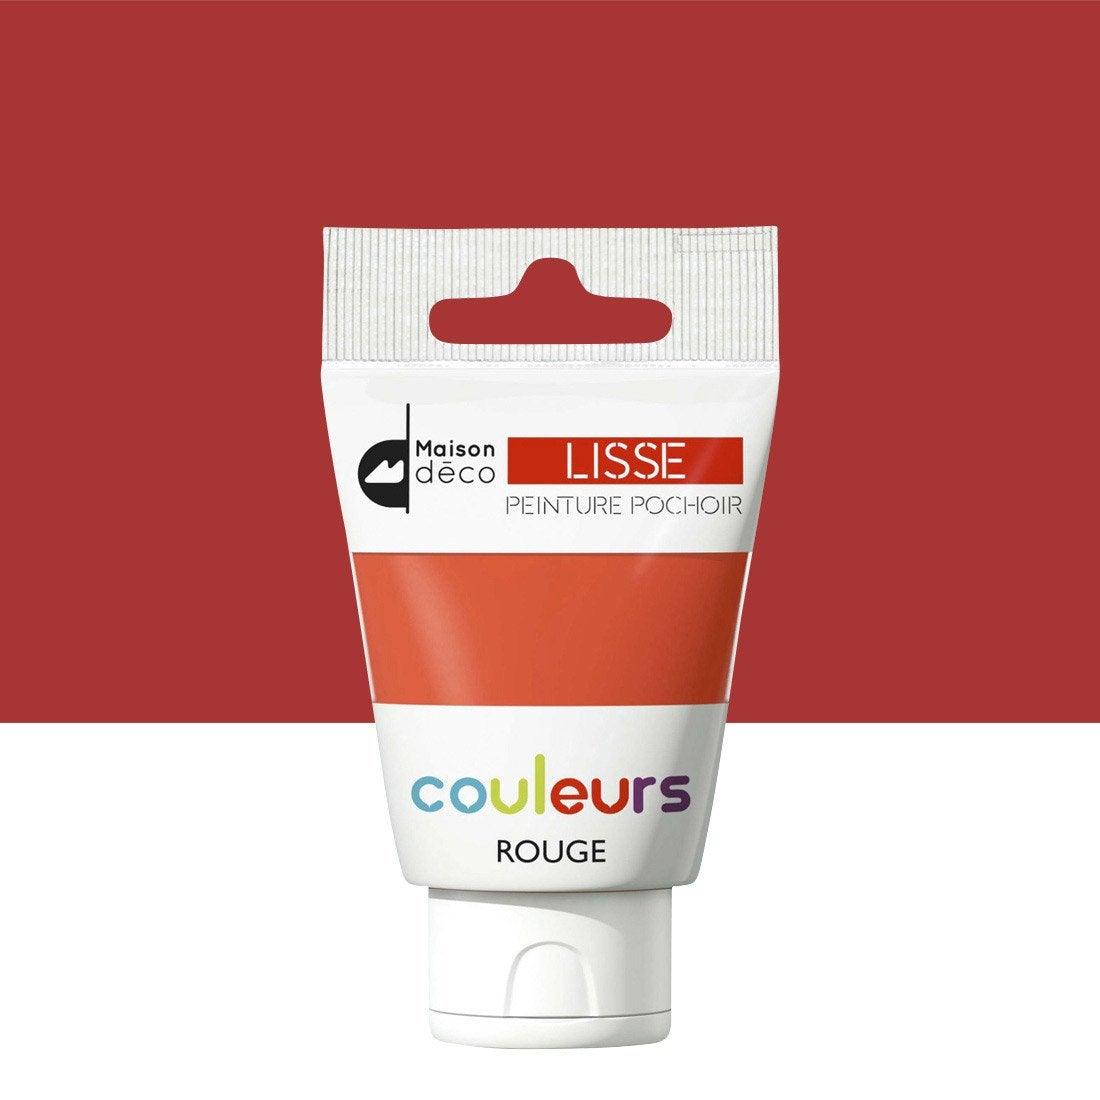 Peinture Pochoirs Rouge Satin MAISON DECO Peinture Pochoir Couleur 0.06 L